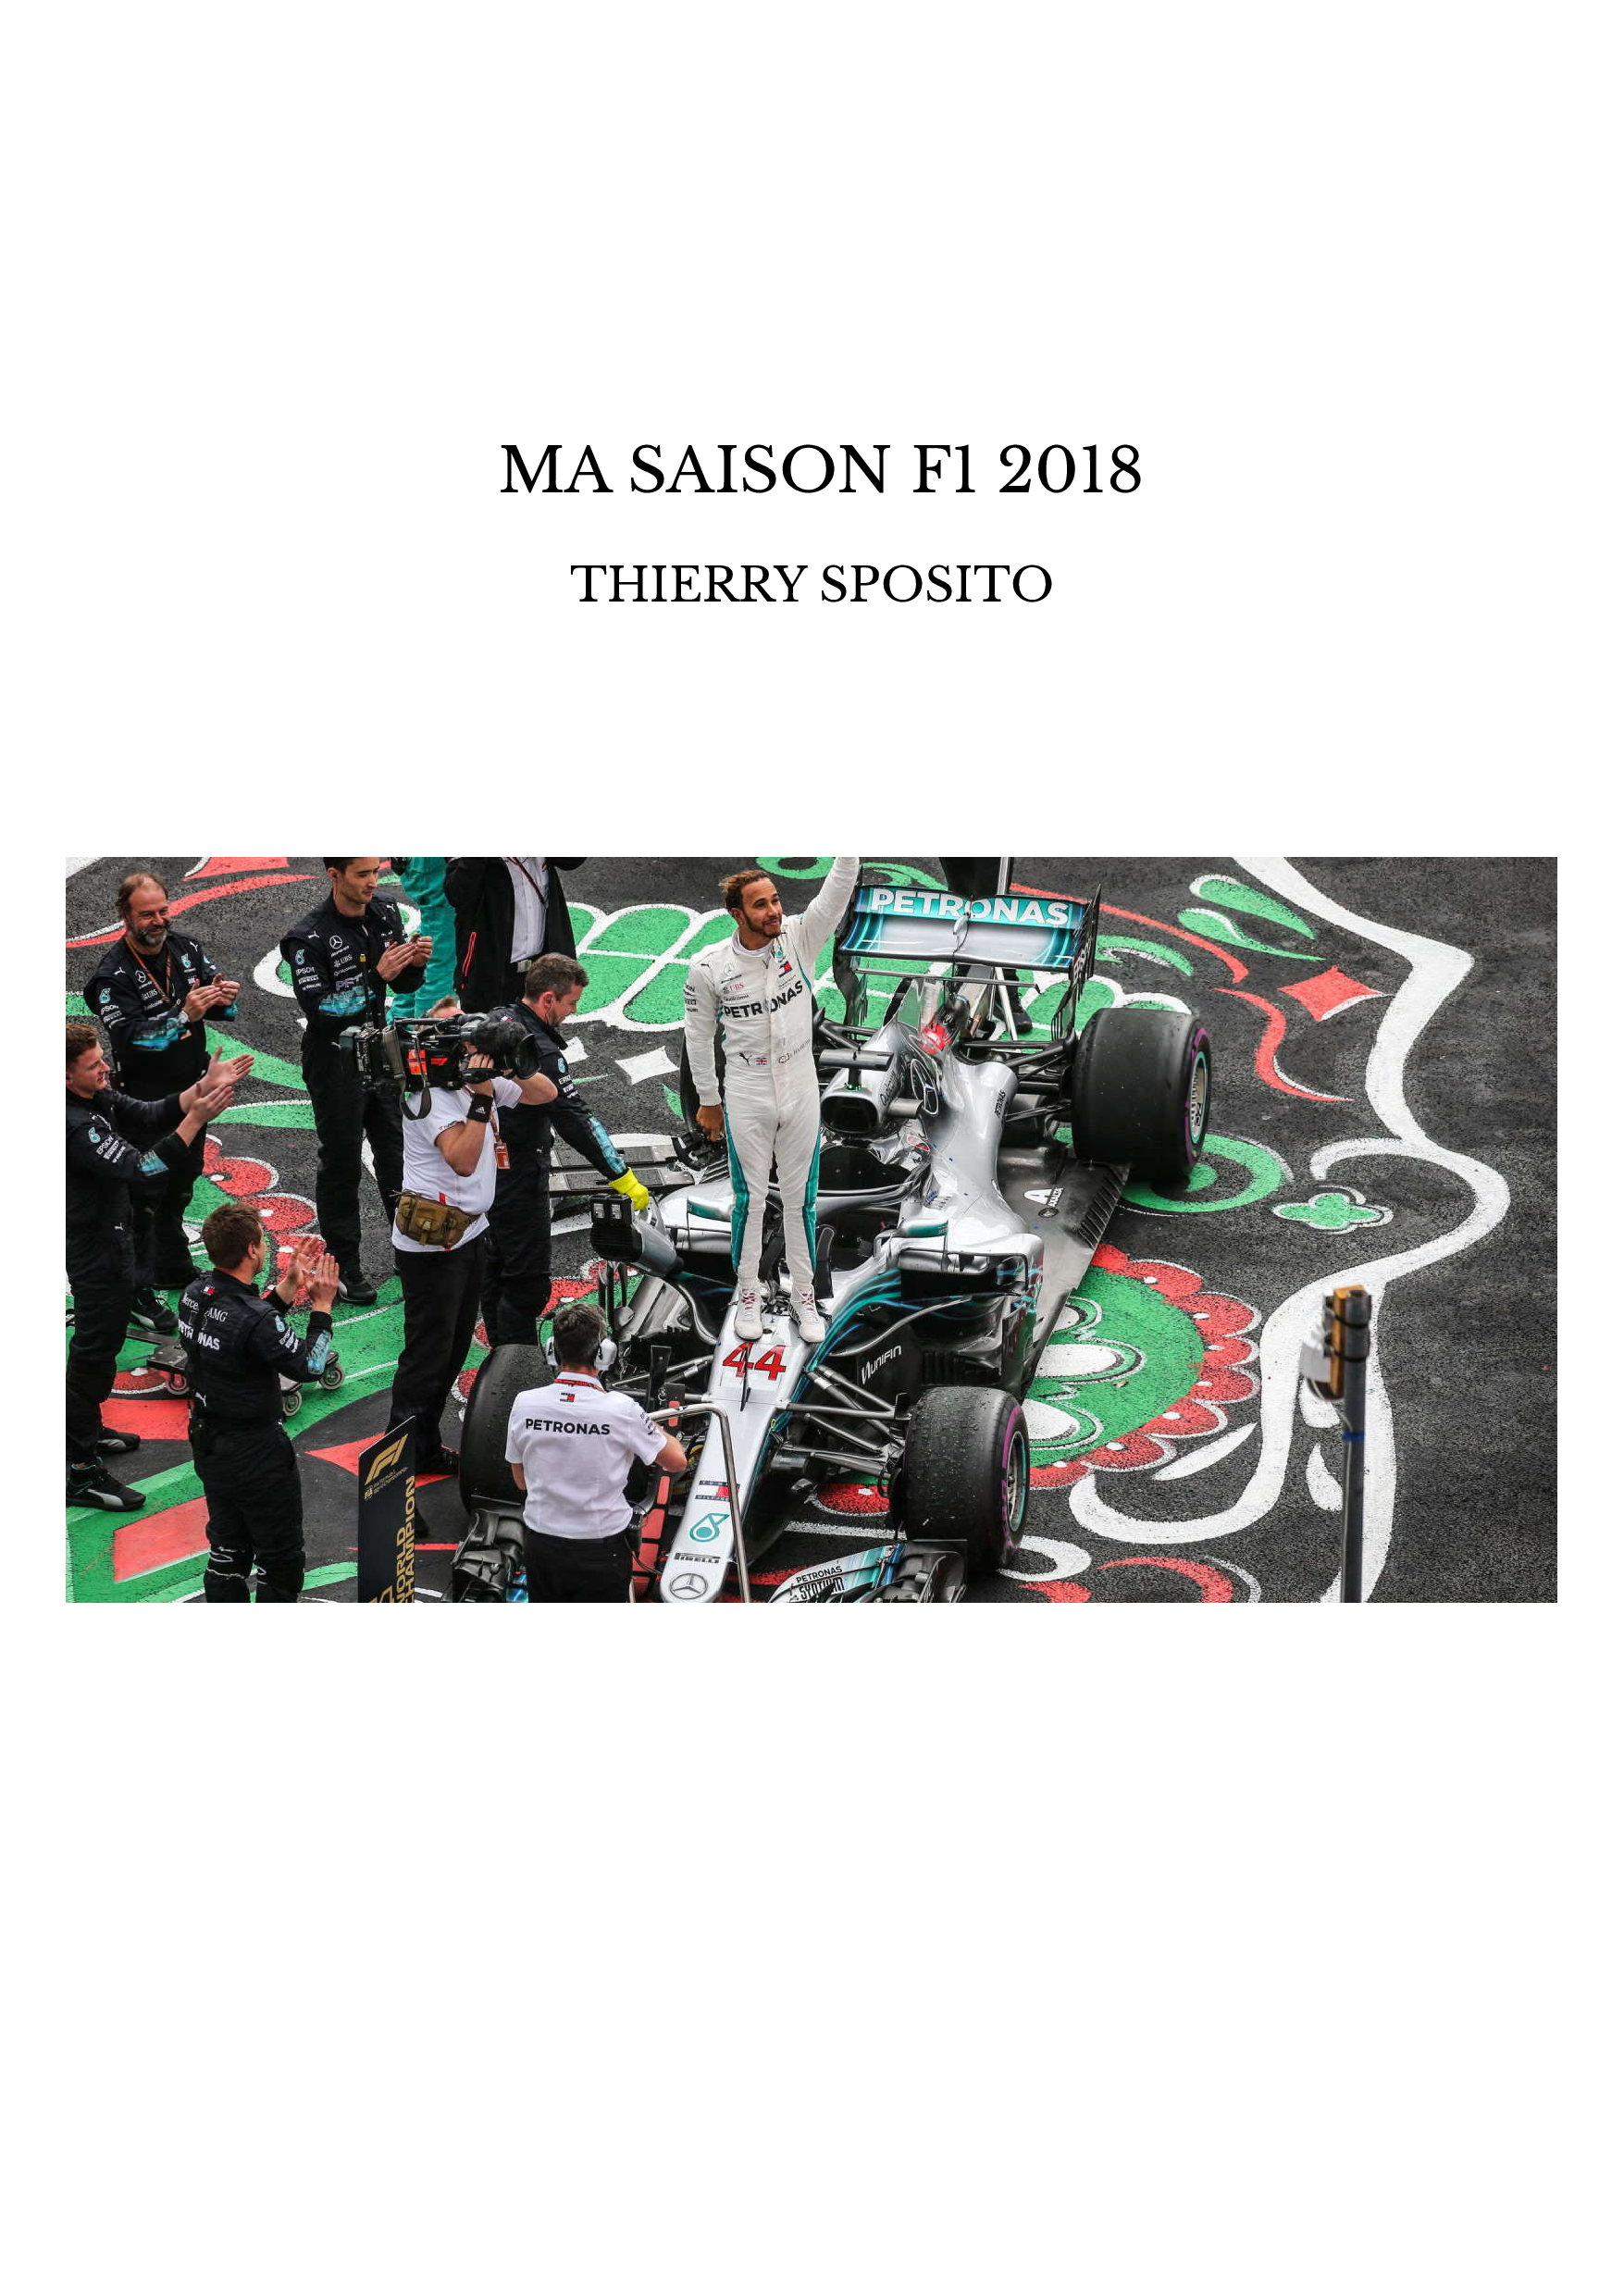 MA SAISON F1 2018